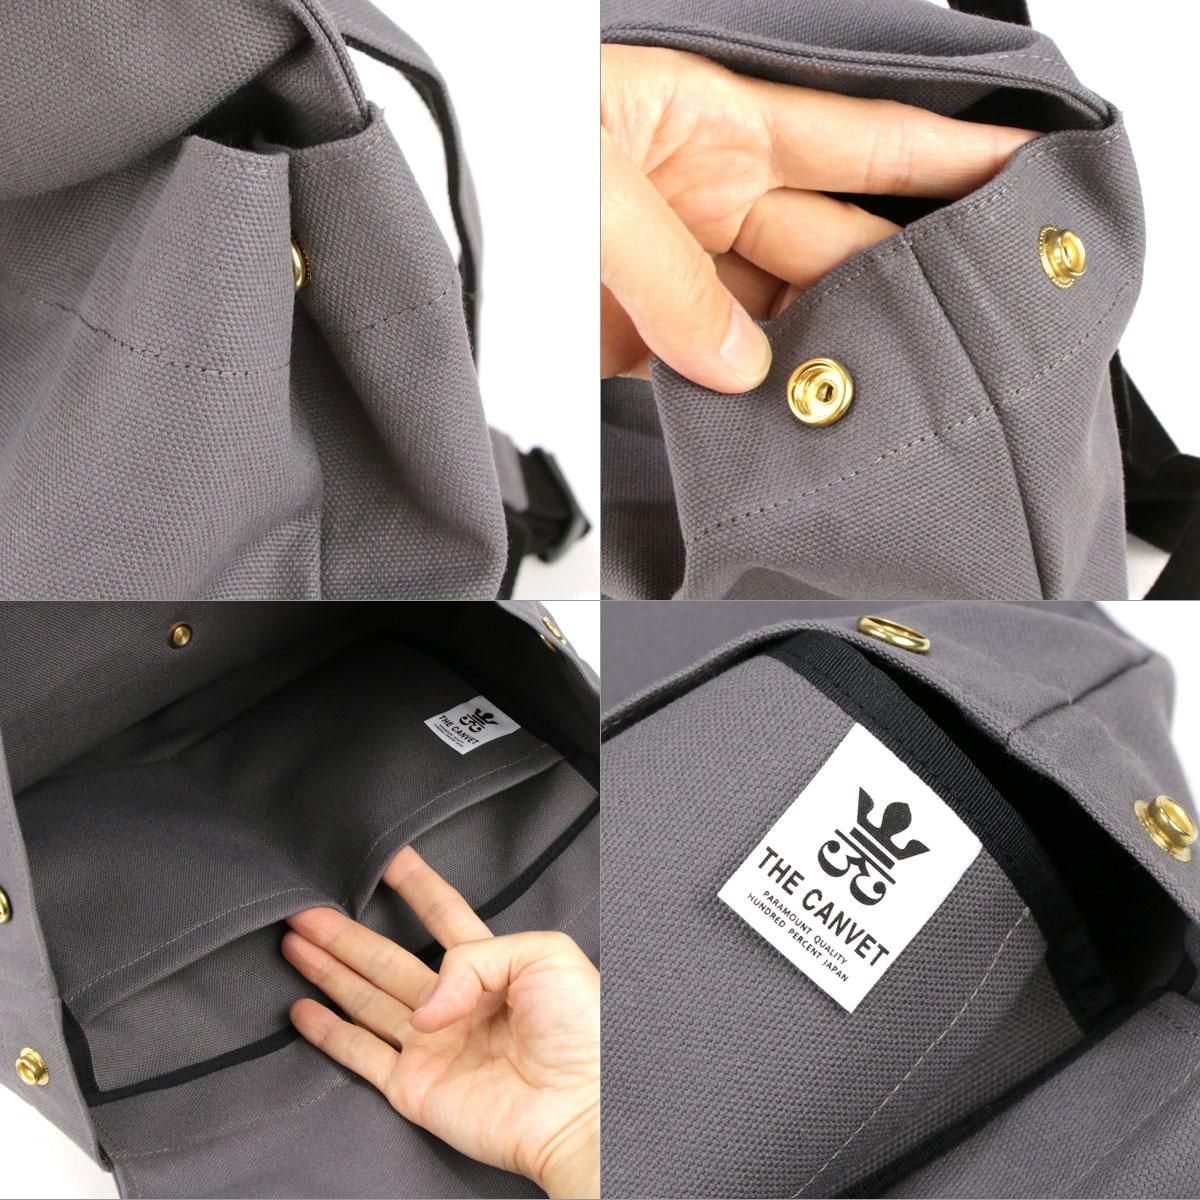 リュックサック 帆布 8号 フラップ A4 日本製 THE CANVET ザ・キャンヴェット FLAP 本革 栃木レザー 真鍮 キャンバス 無地 シンプル リュック 通学 外 ポケット おしゃれ 通勤 かわいい バッグ バックパック